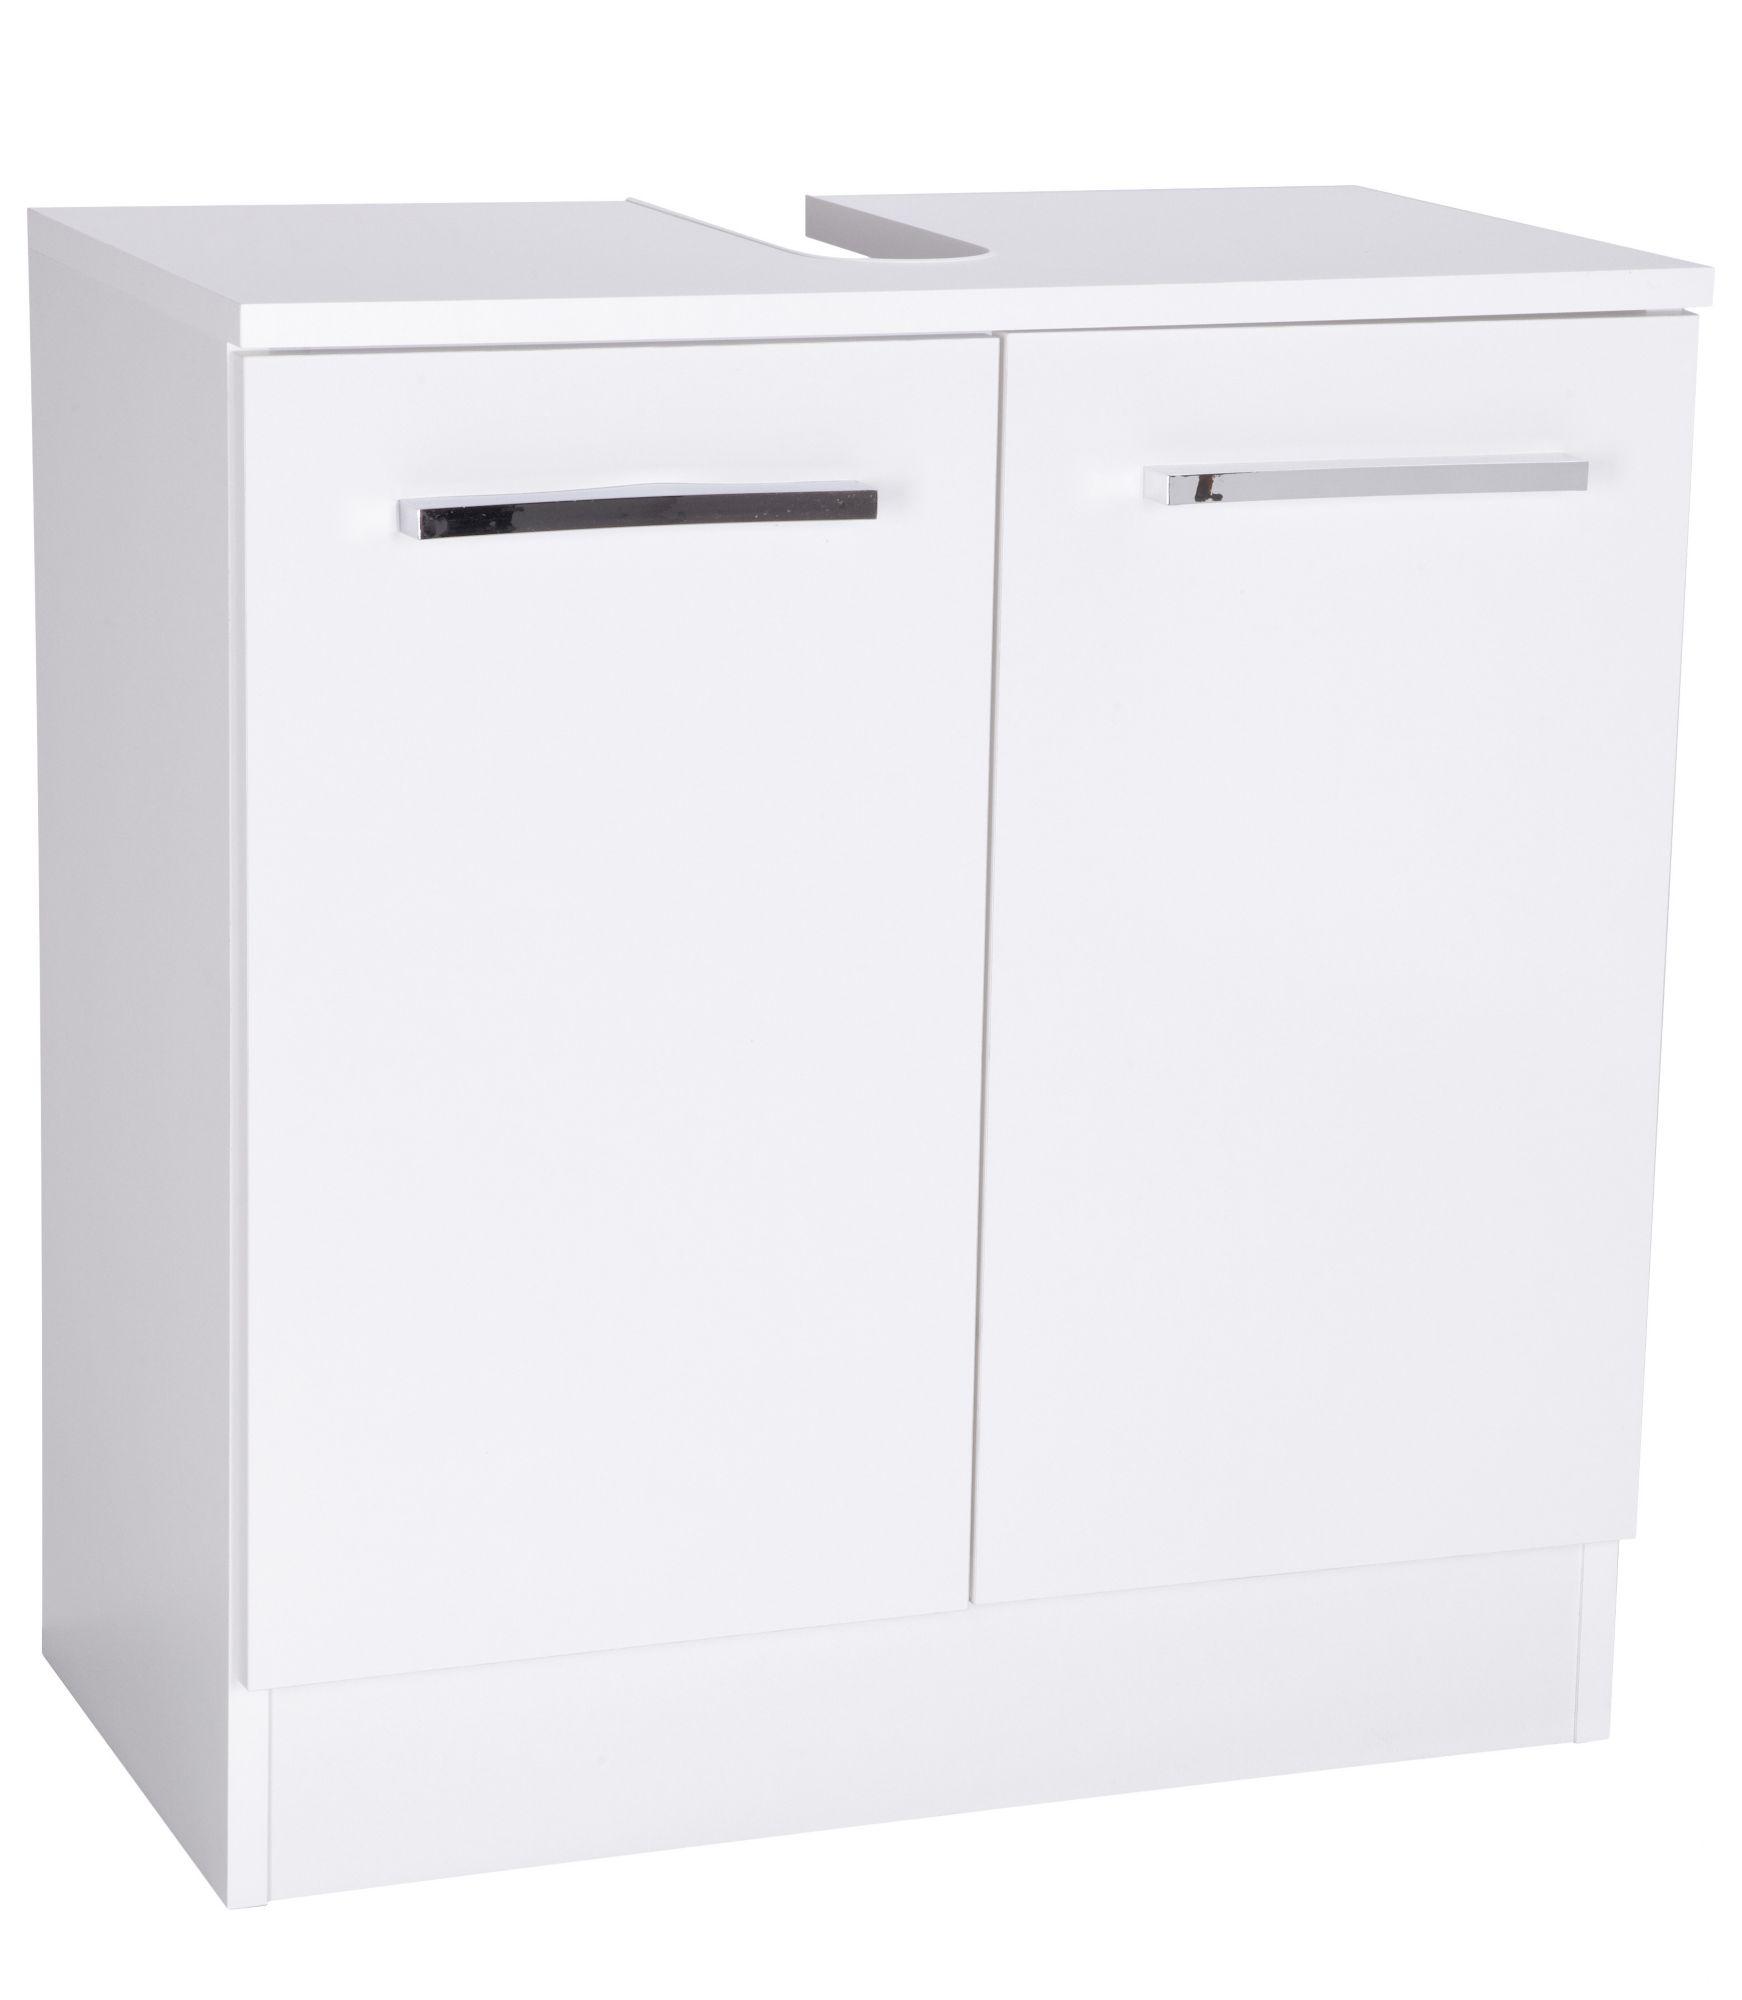 waschbeckenunterschrank trier 60 cm schwab versand trier. Black Bedroom Furniture Sets. Home Design Ideas